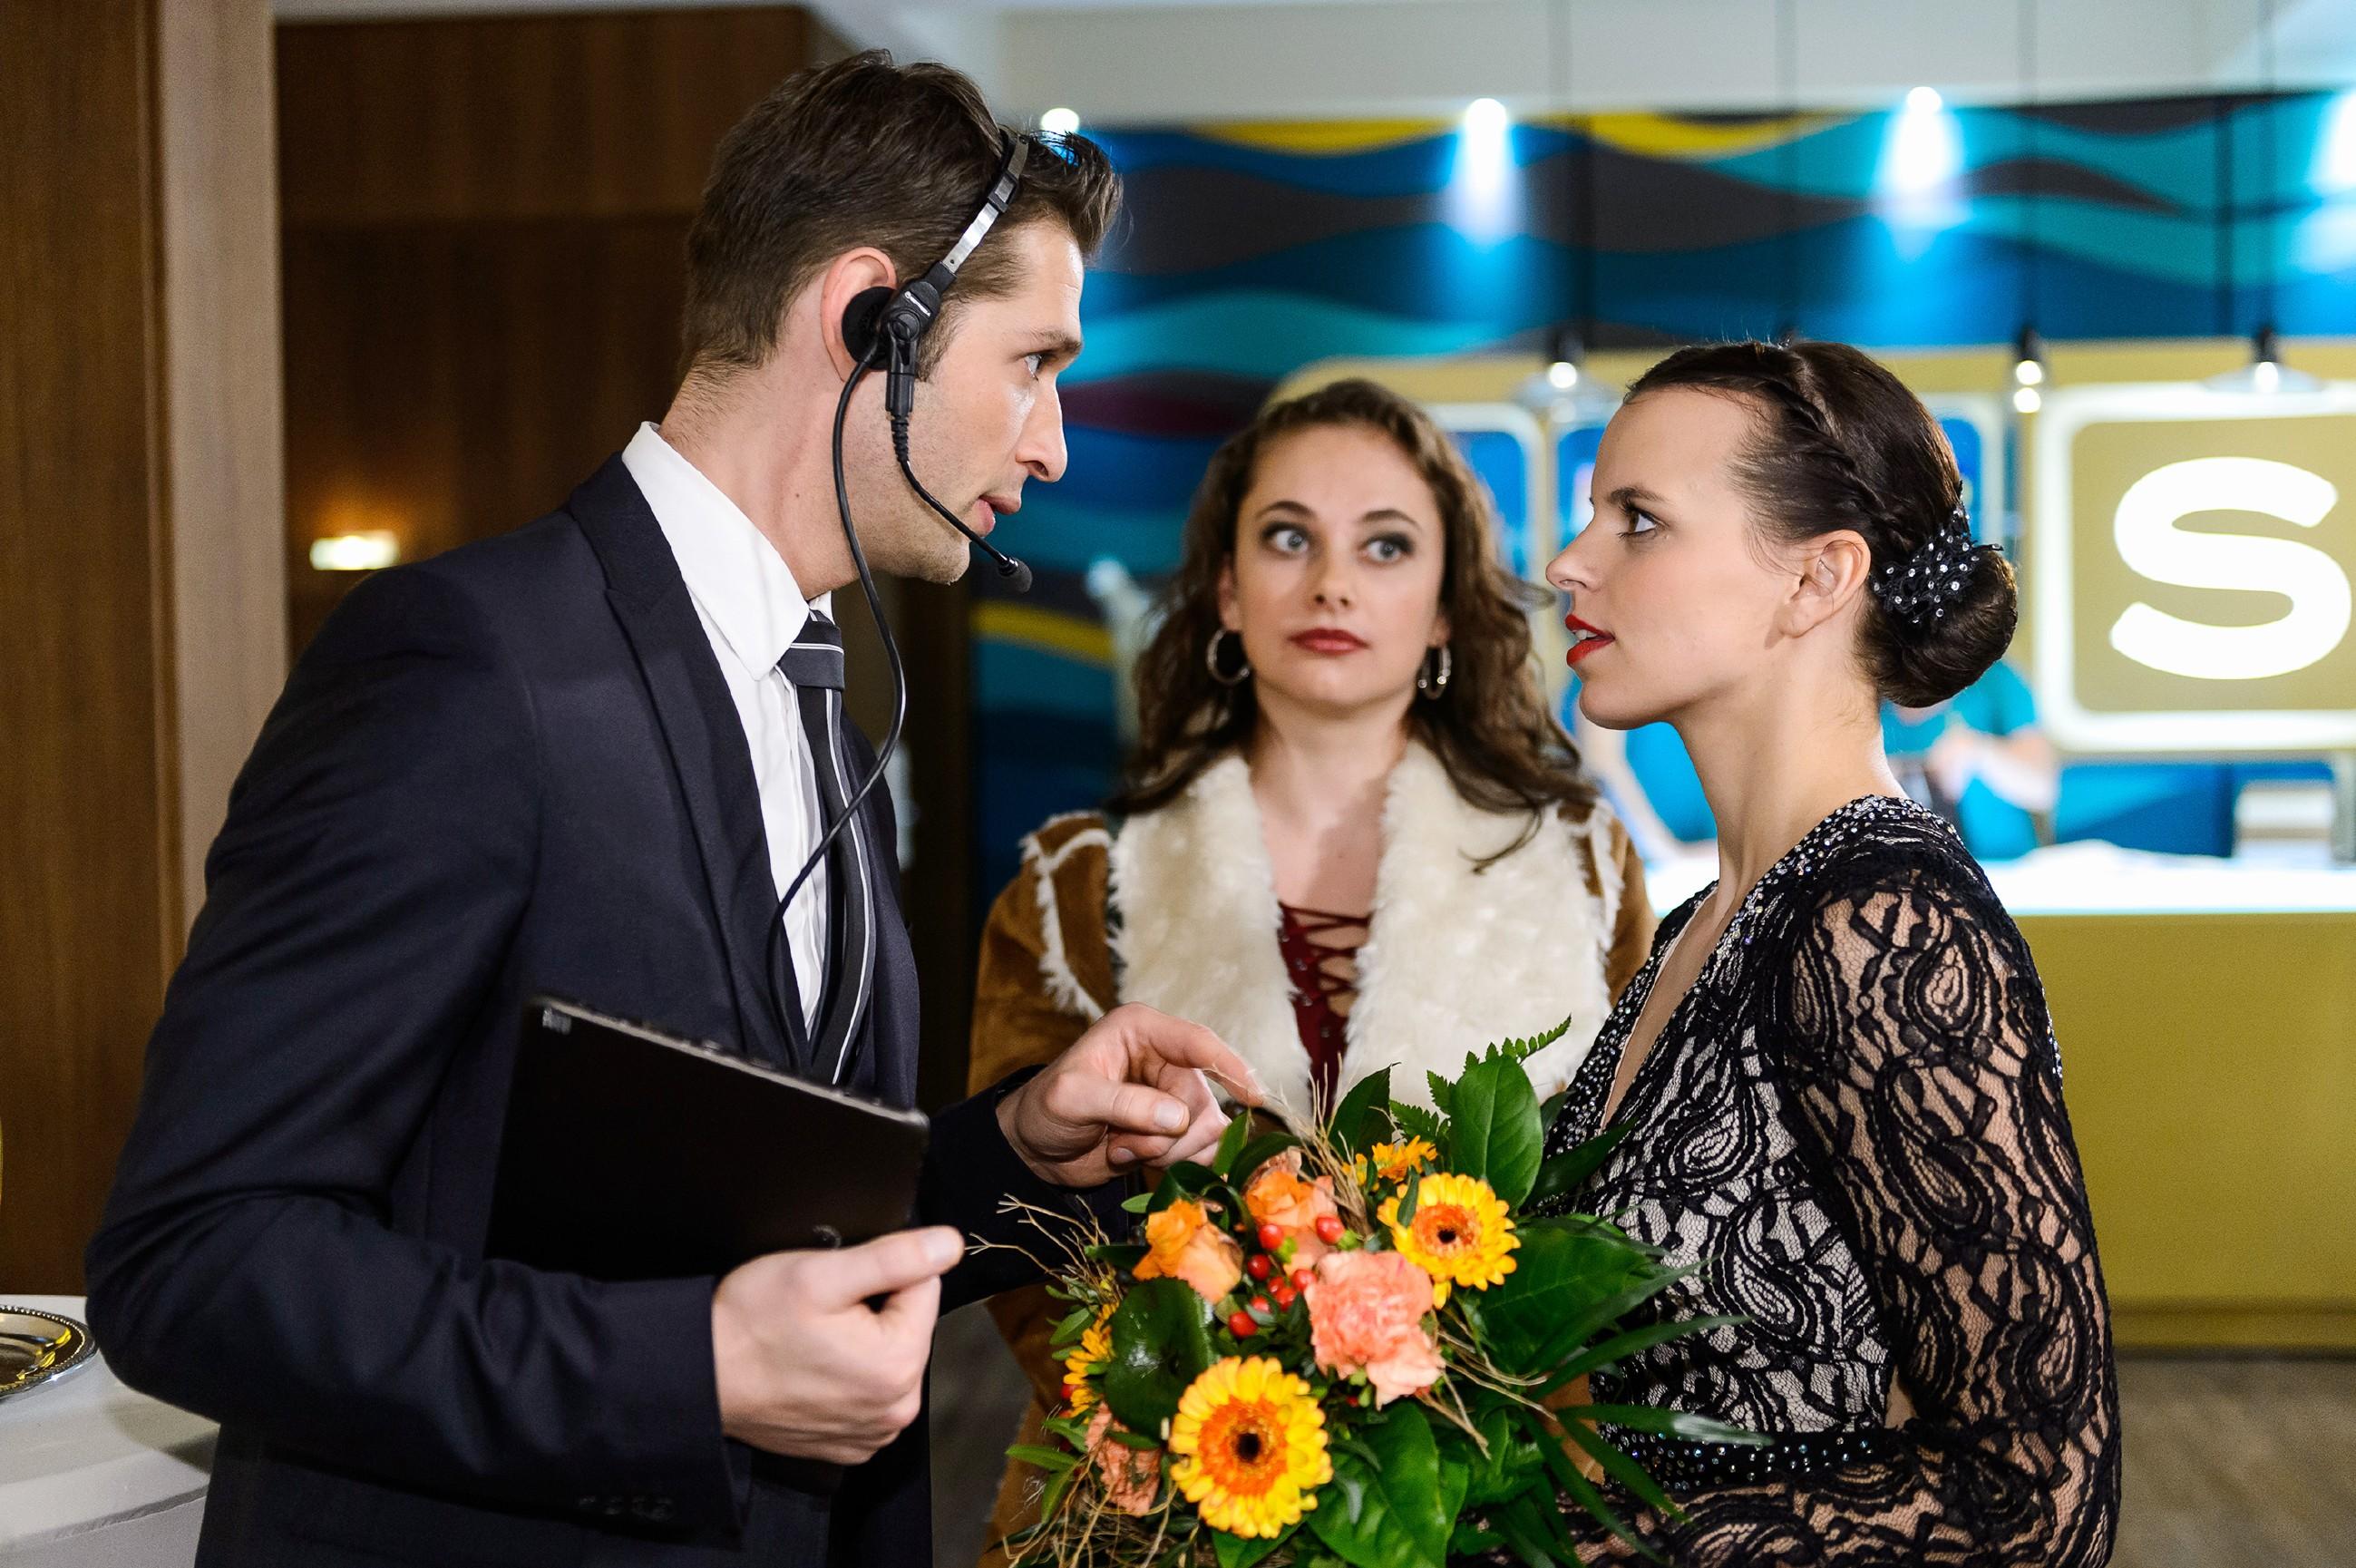 Als Michelle (Franziska Benz, r.) von Deniz (Igor Dolgatschew) gebeten wird, noch einige persönliche Worte an die Gäste zu richten, vergisst sie darüber ihre scher enttäuschte Mutter Carmen (Heike Warmuth). (Quelle: RTL / Willi Weber)